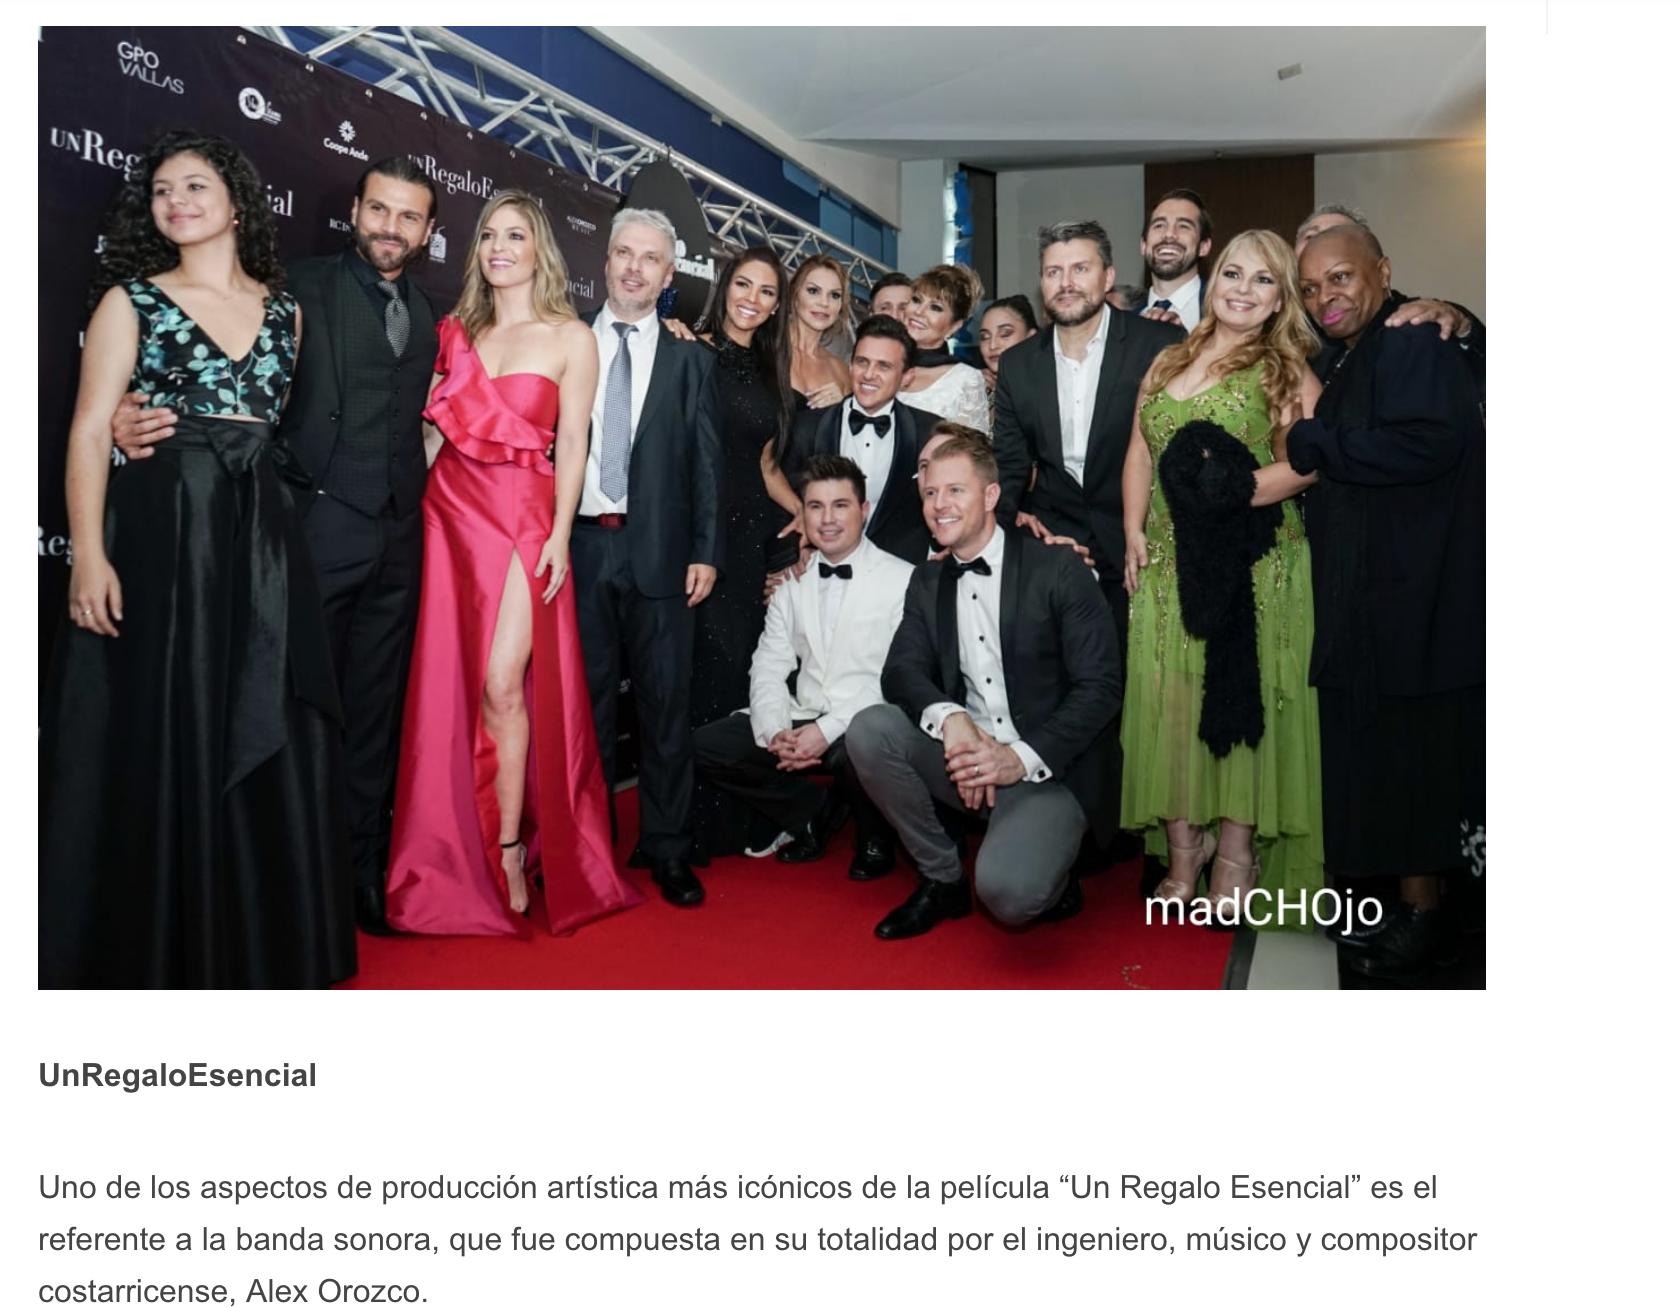 """El equipo técnico de la película """"Un Regalo Esencial"""" se fortaleció con la destacada participación del joven colombiano, Manuel Velásquez, quien ejecutó la dirección de fotografía. Por otra parte, la joven mexicana, Elizabeth Soto, fue la guionista quien entretejió la historia que juega con el lapso de generaciones de los años 80 y 2025."""